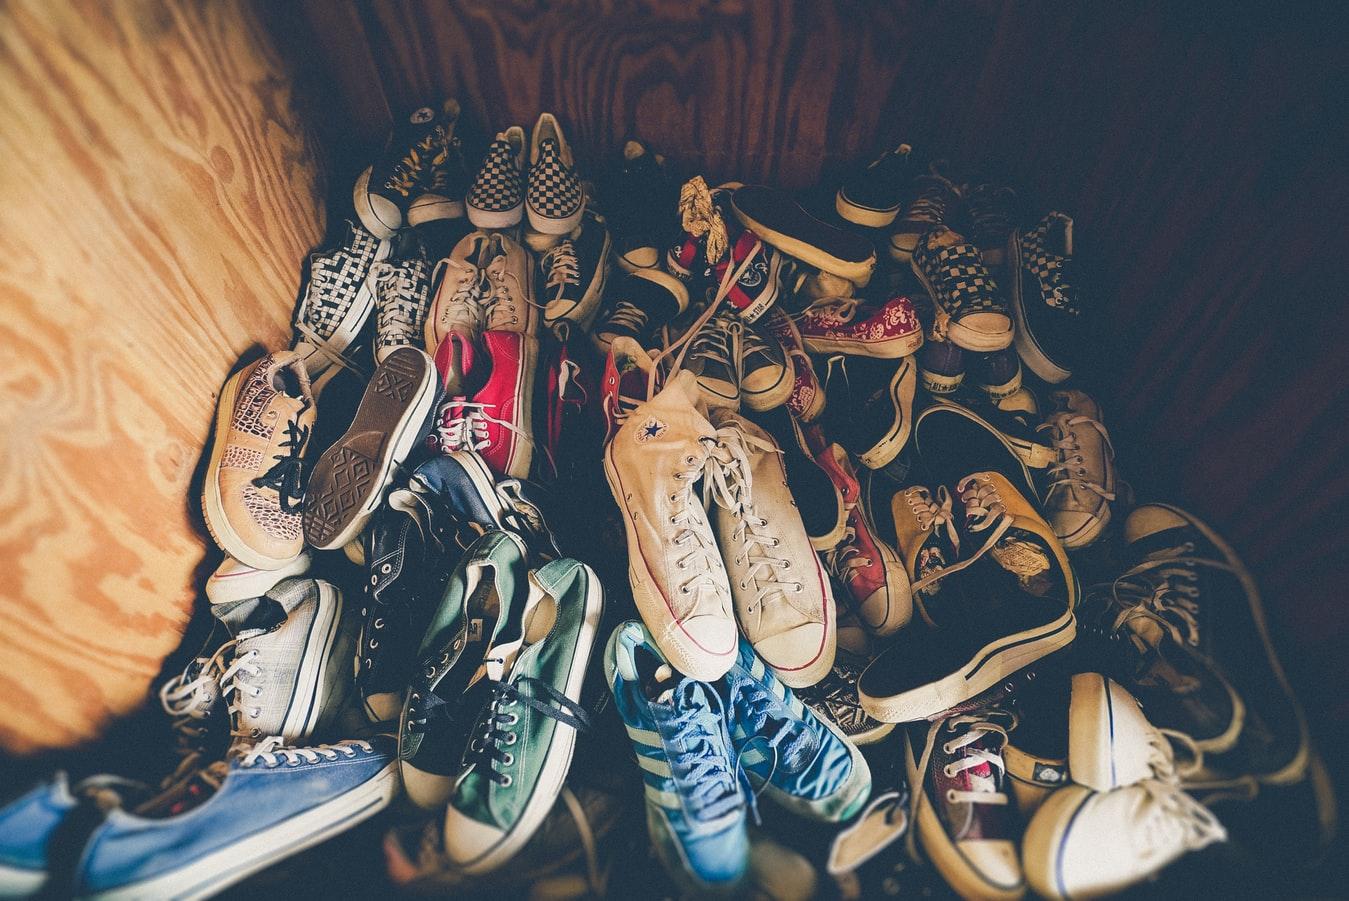 旅行の時に適している靴の紹介